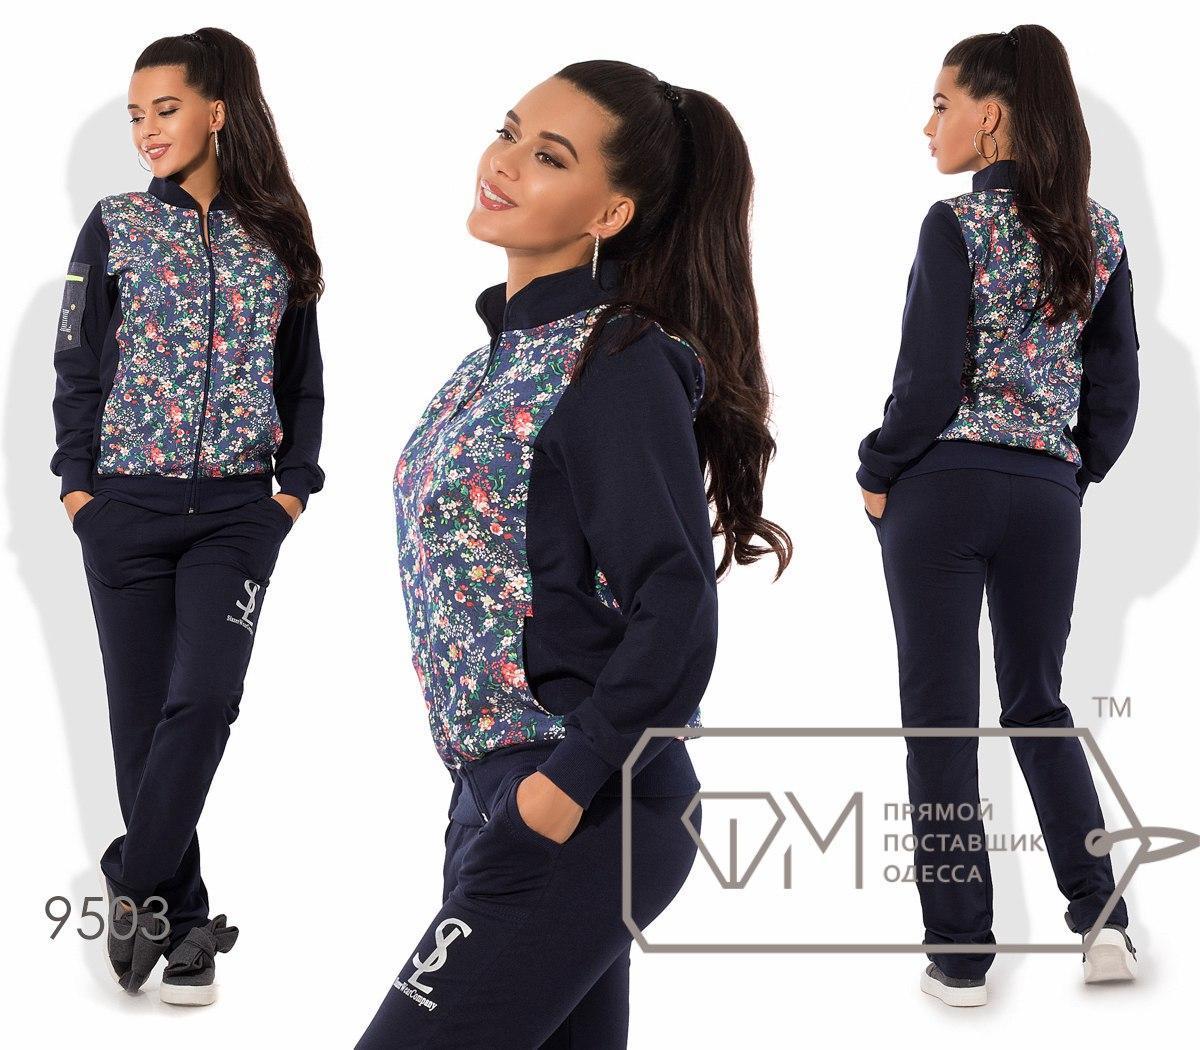 Спорткостюм из двунитки - бомбер с косыми карманами и вставкой цветного джинса плюс прямые штаны с логотипом